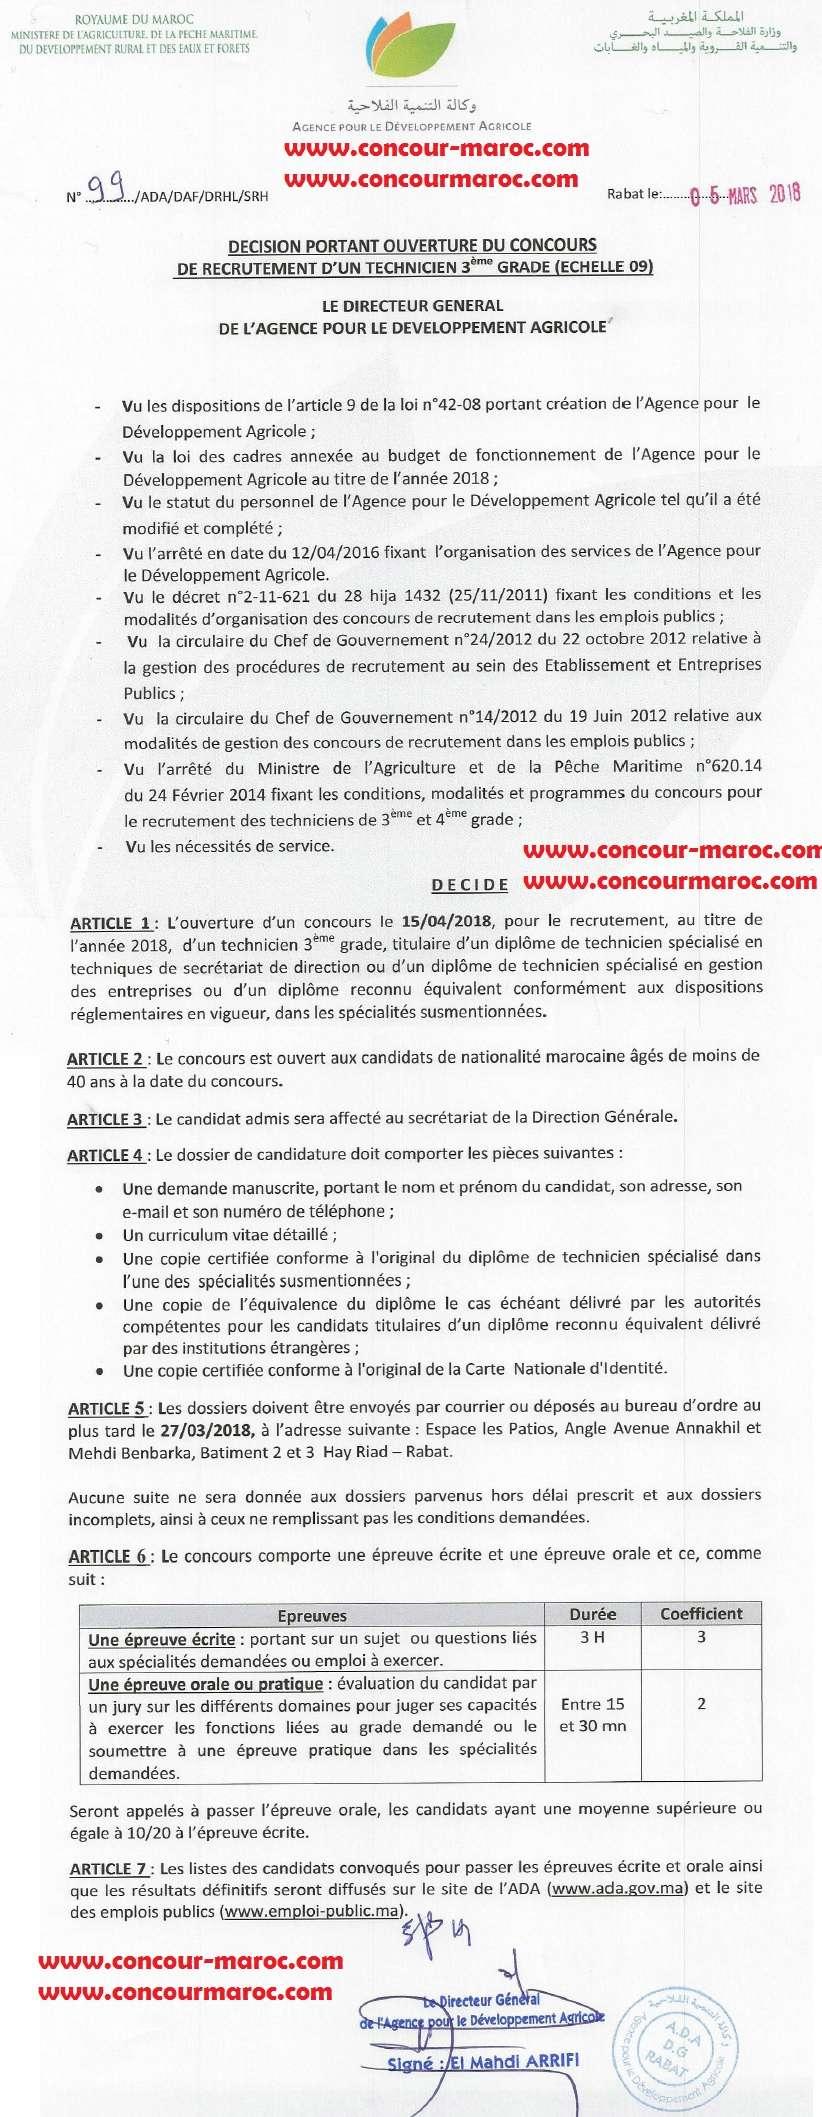 وكالة التنمية الفلاحية : مباراة لتوظيف تقني من الدرجة الثالثة سلم 9 آخر أجل لإيداع الترشيحات 27 مارس 2018  Agence28